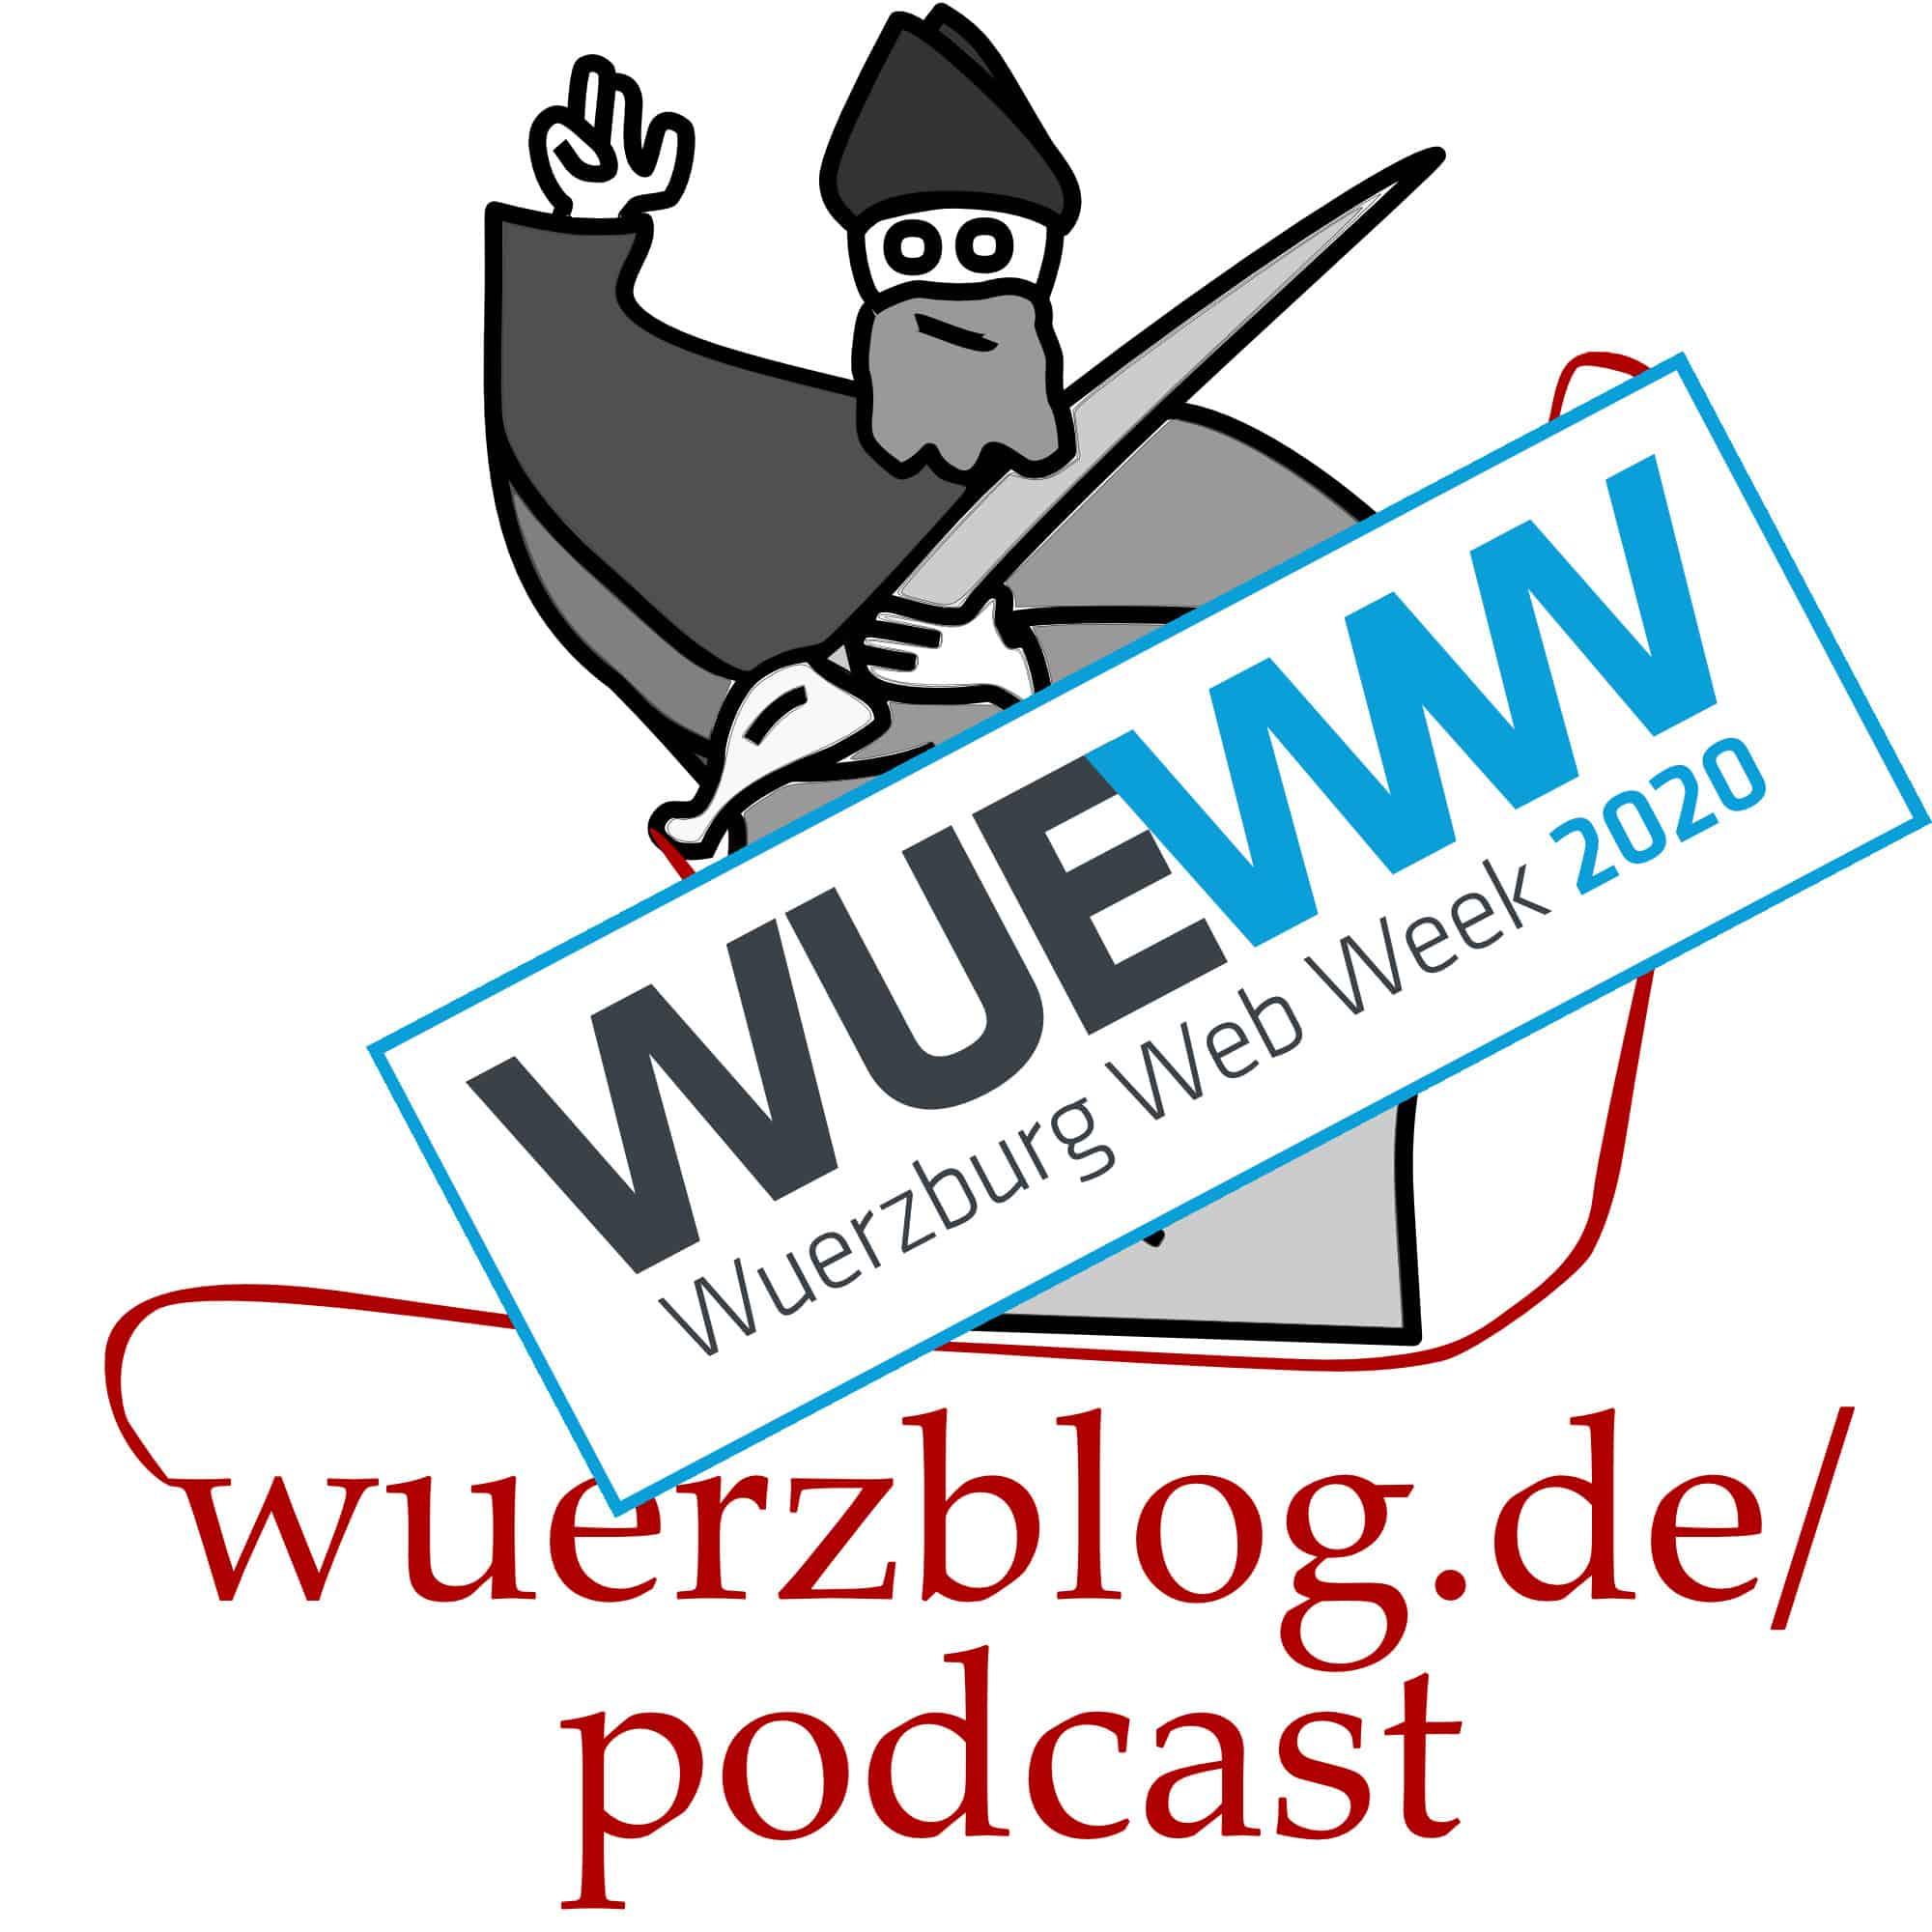 Wuerzblog Podcast Logo WueWW wuepod wüpod